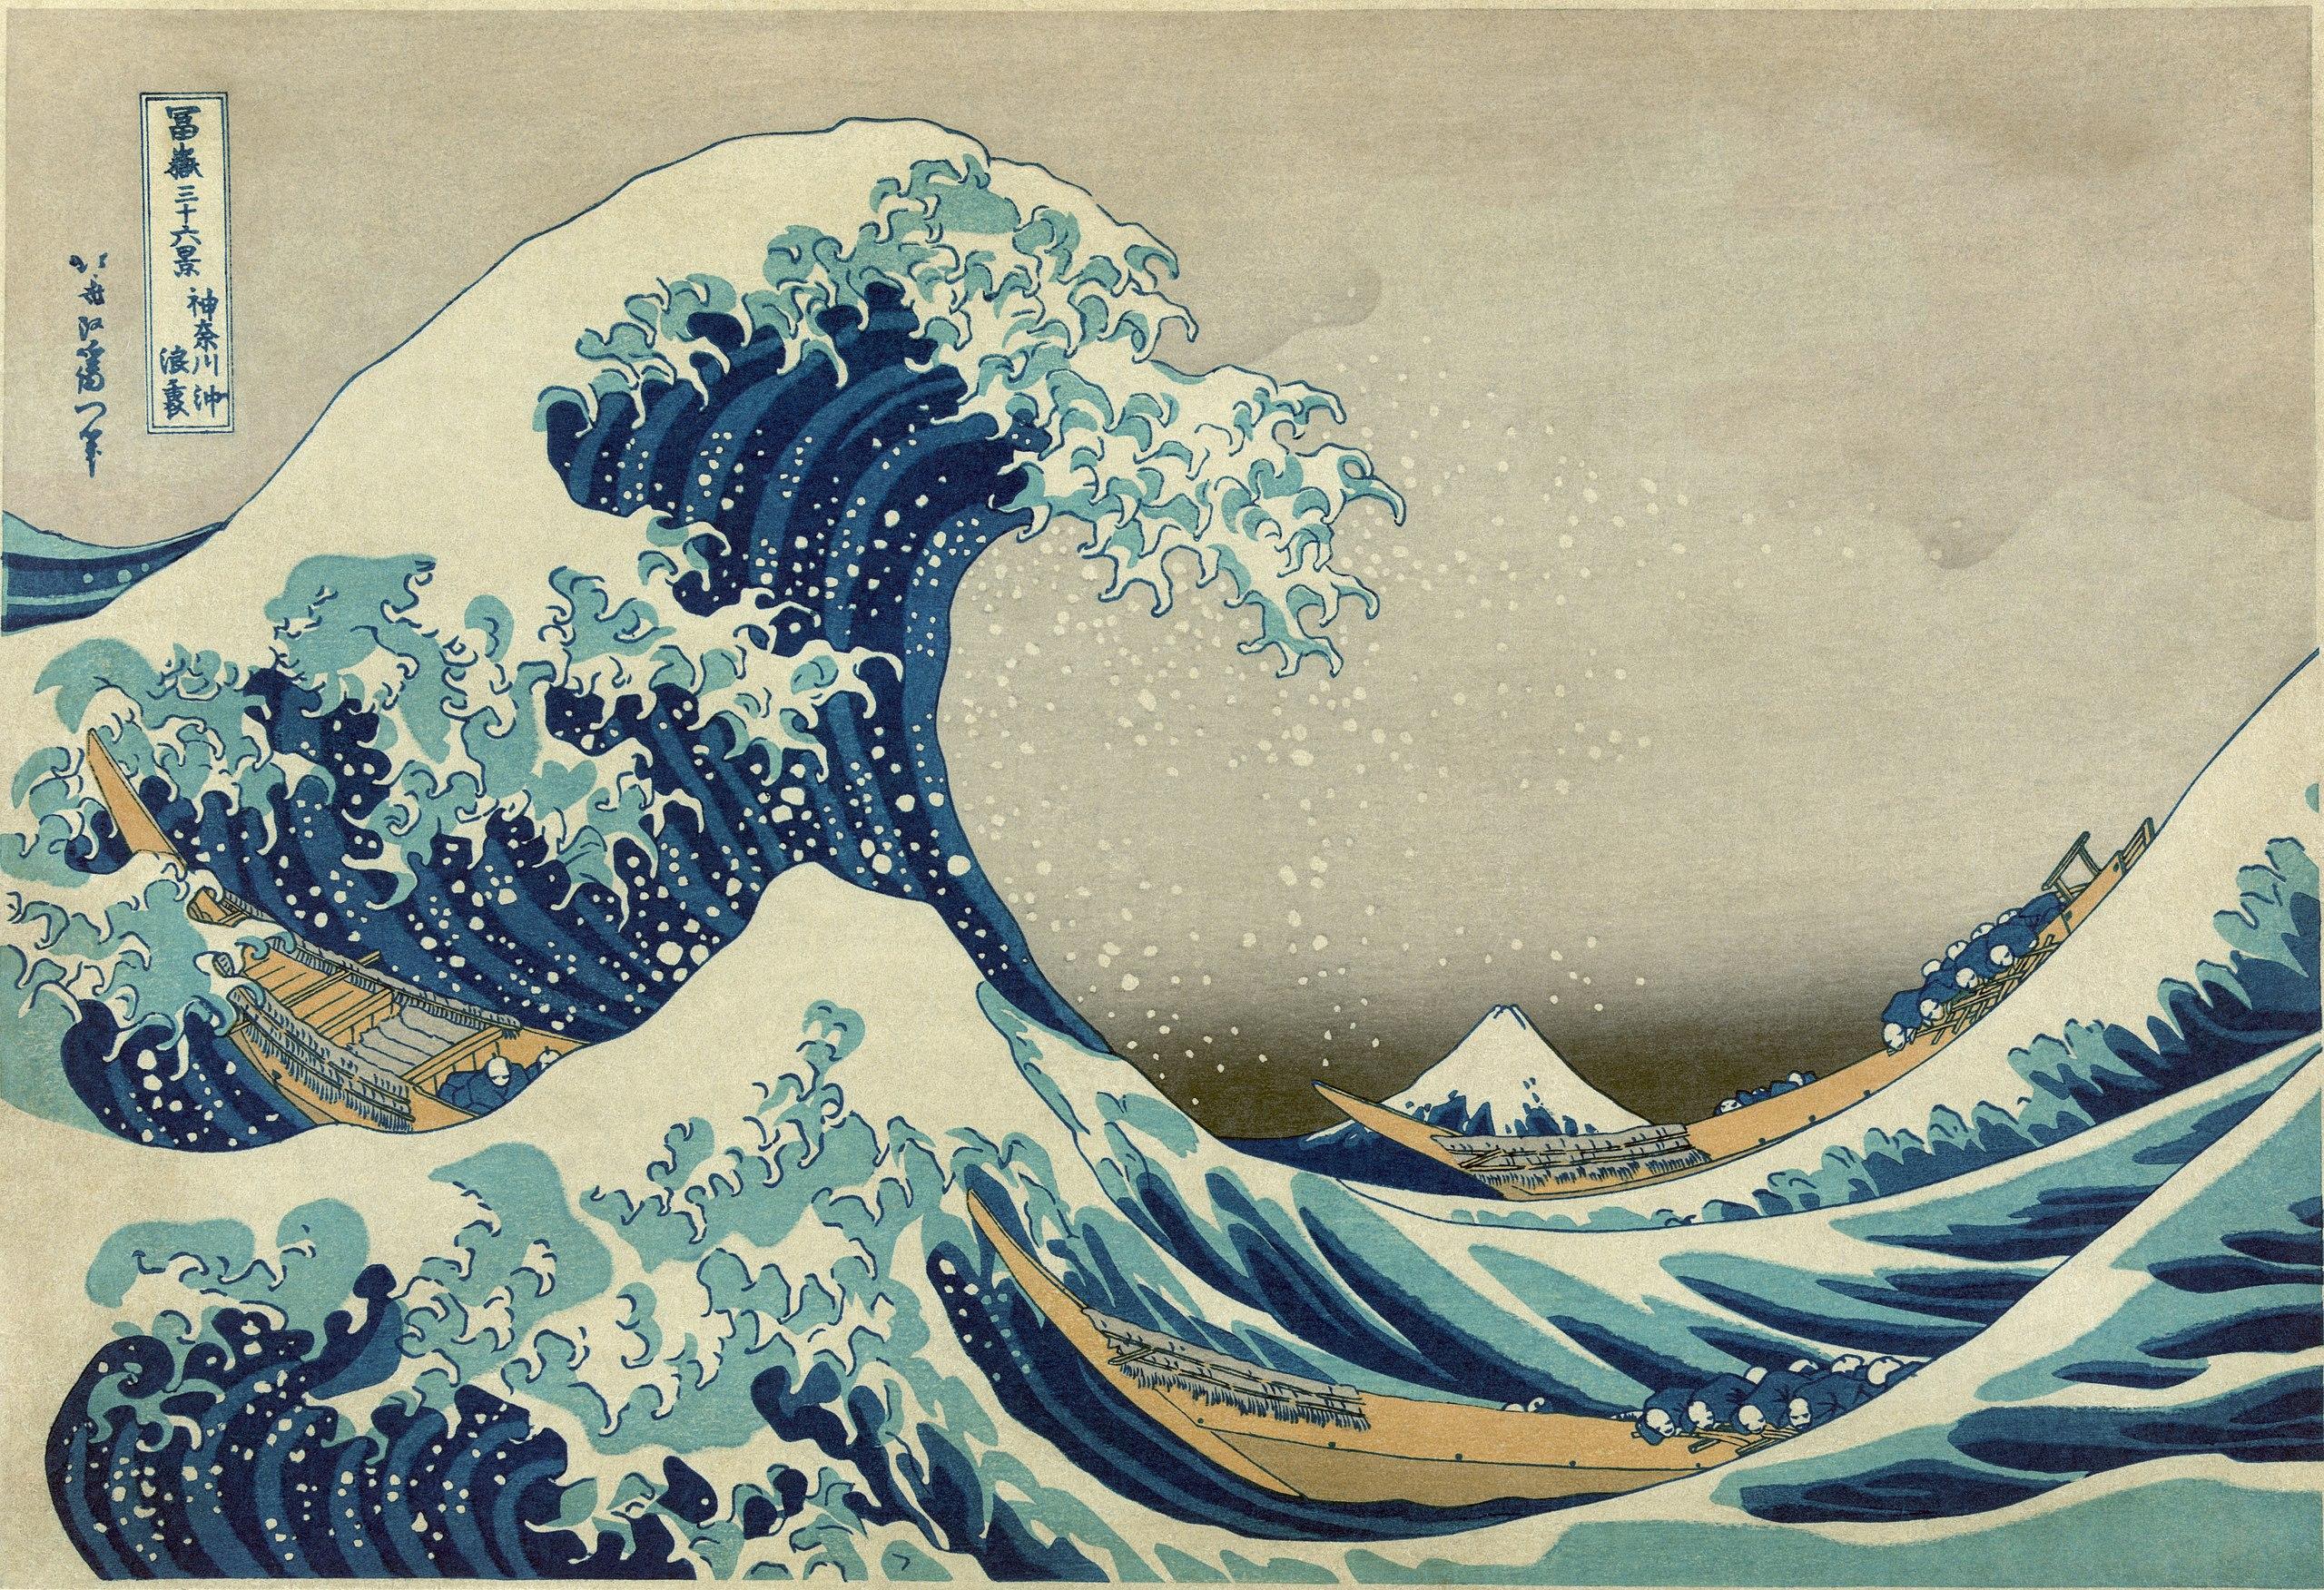 9. La grande onda di Kanagawa - Katsushika Hokusai (1830-31) - xilografia